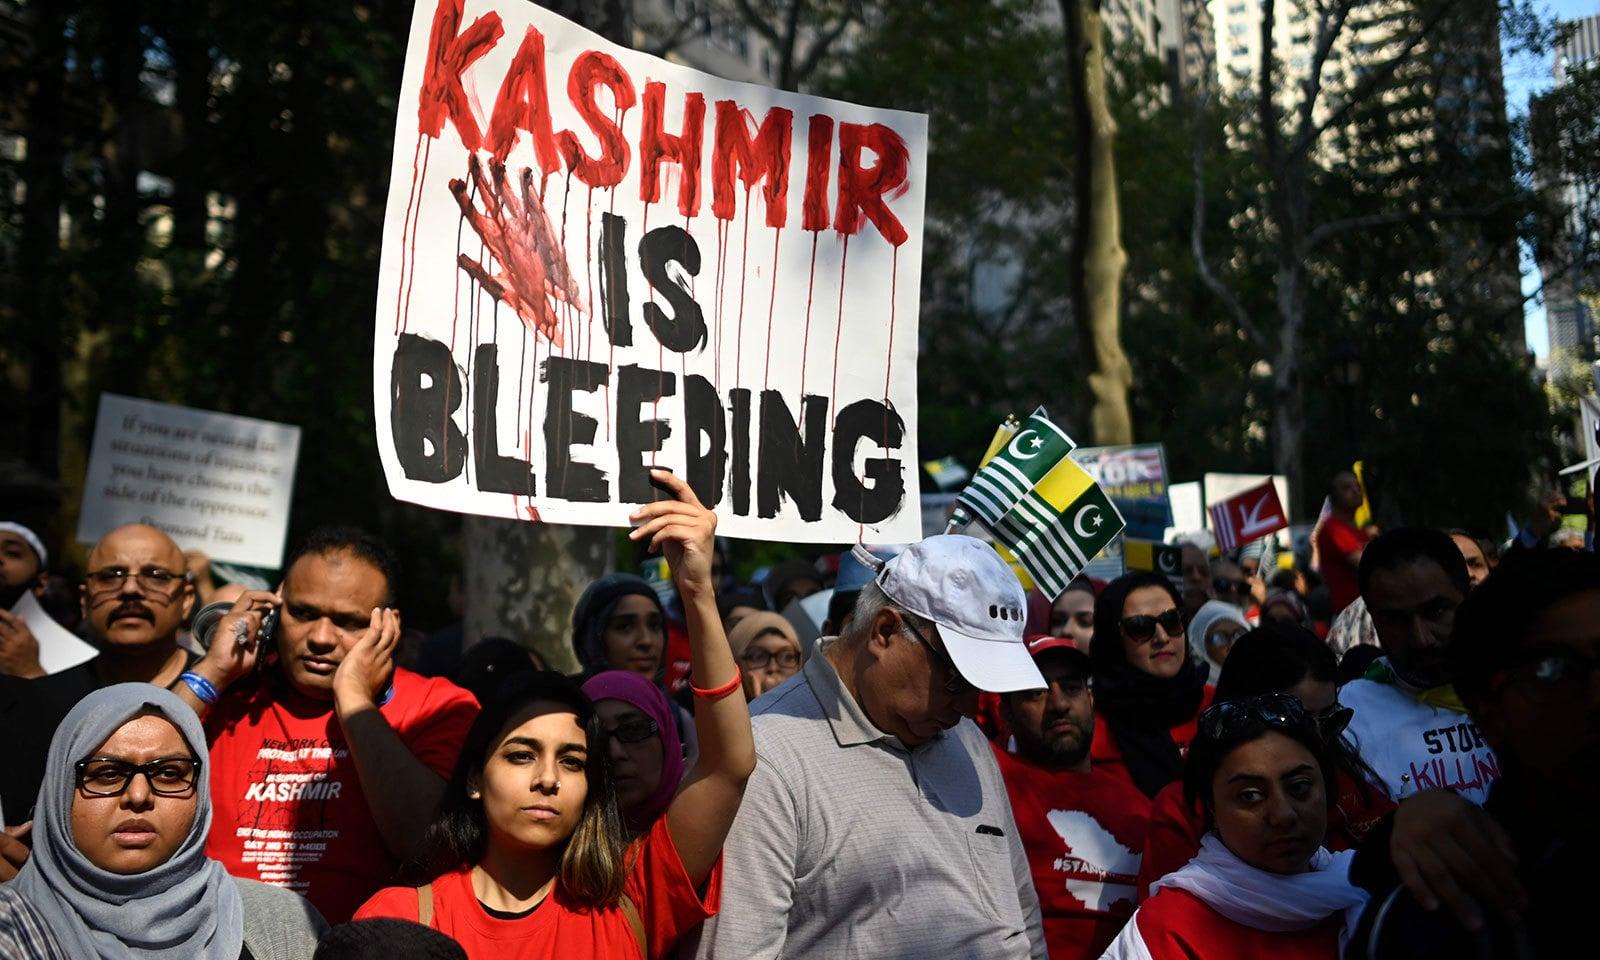 احتجاج کے دوران کشمیریوں کی حالت زار کو اجاگر کیا گیا—فوٹو: اے ایف پی